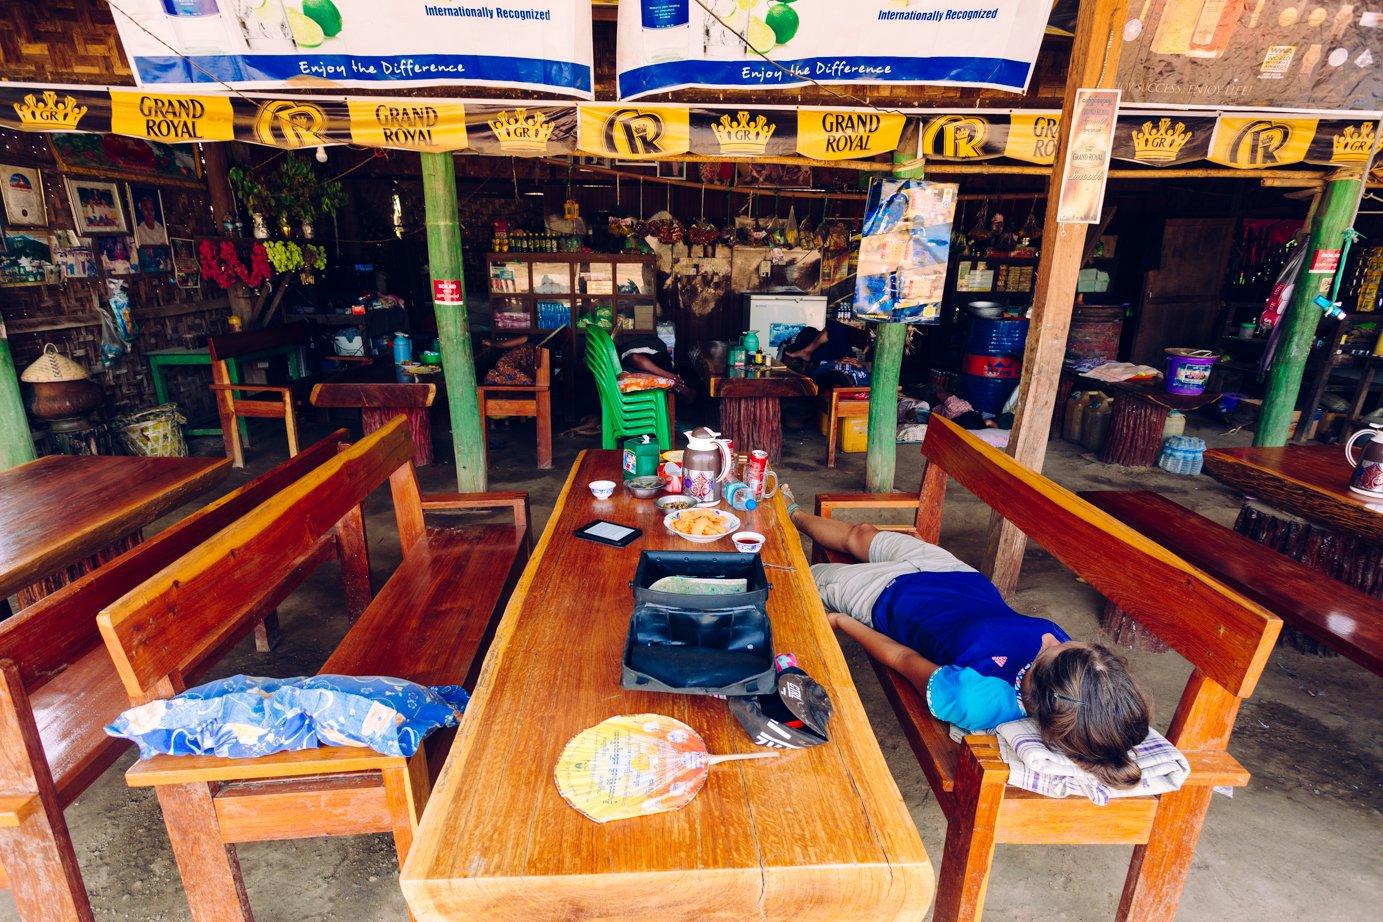 Senna czajownia gdzieś wpółnocnym Myanmarze. Szefowa podała nam poduszeczki poczym sama legnęła się nabambusową matę